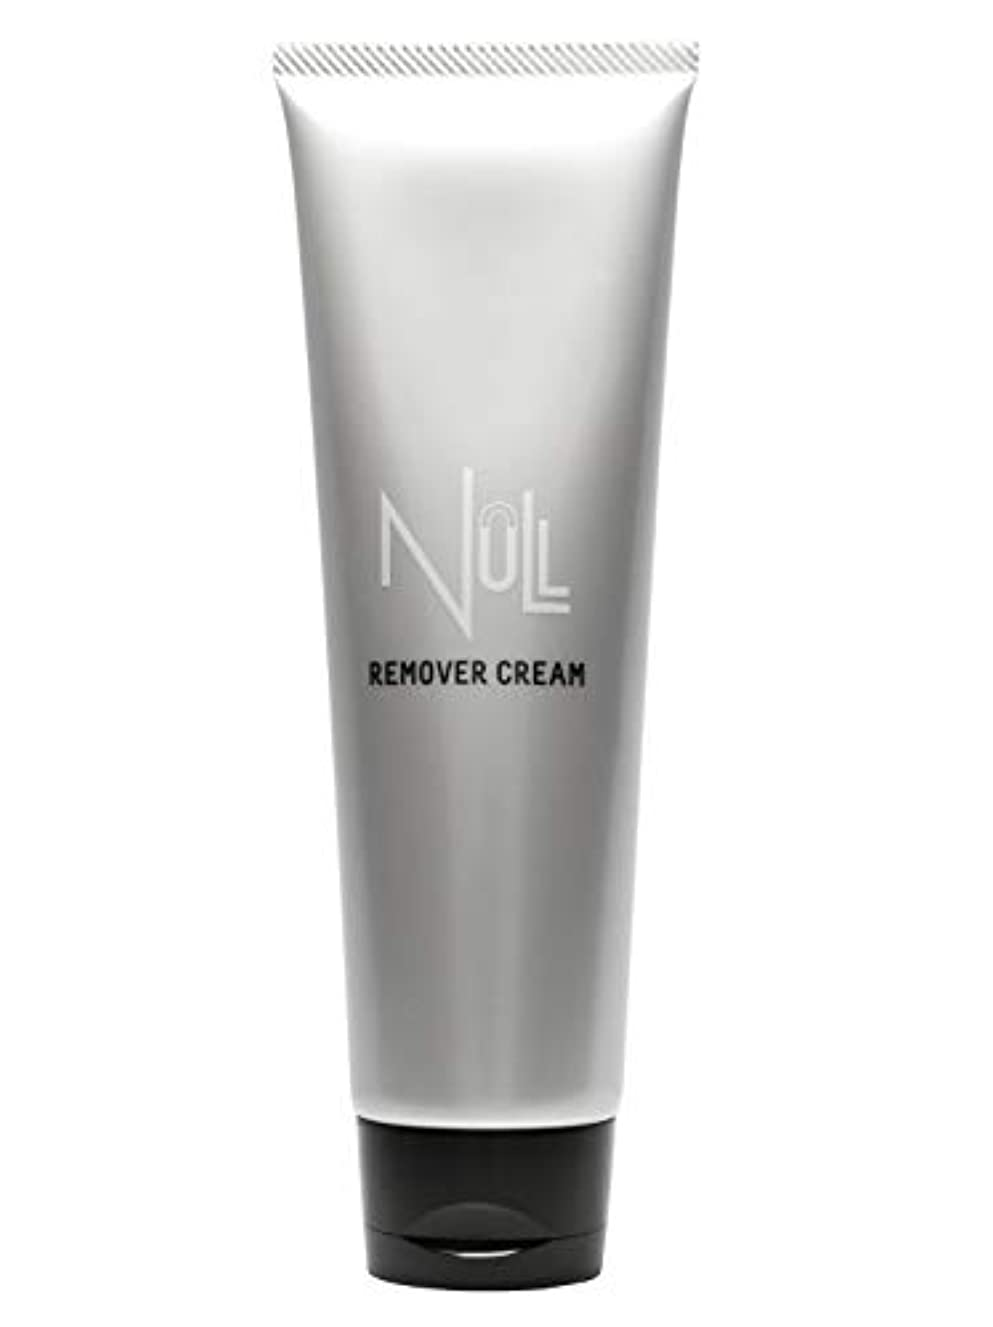 四分円確立します熱心NULL 薬用リムーバークリーム 除毛クリーム メンズ 200g [ 陰部 / アンダーヘア / Vライン / ボディ用 ]